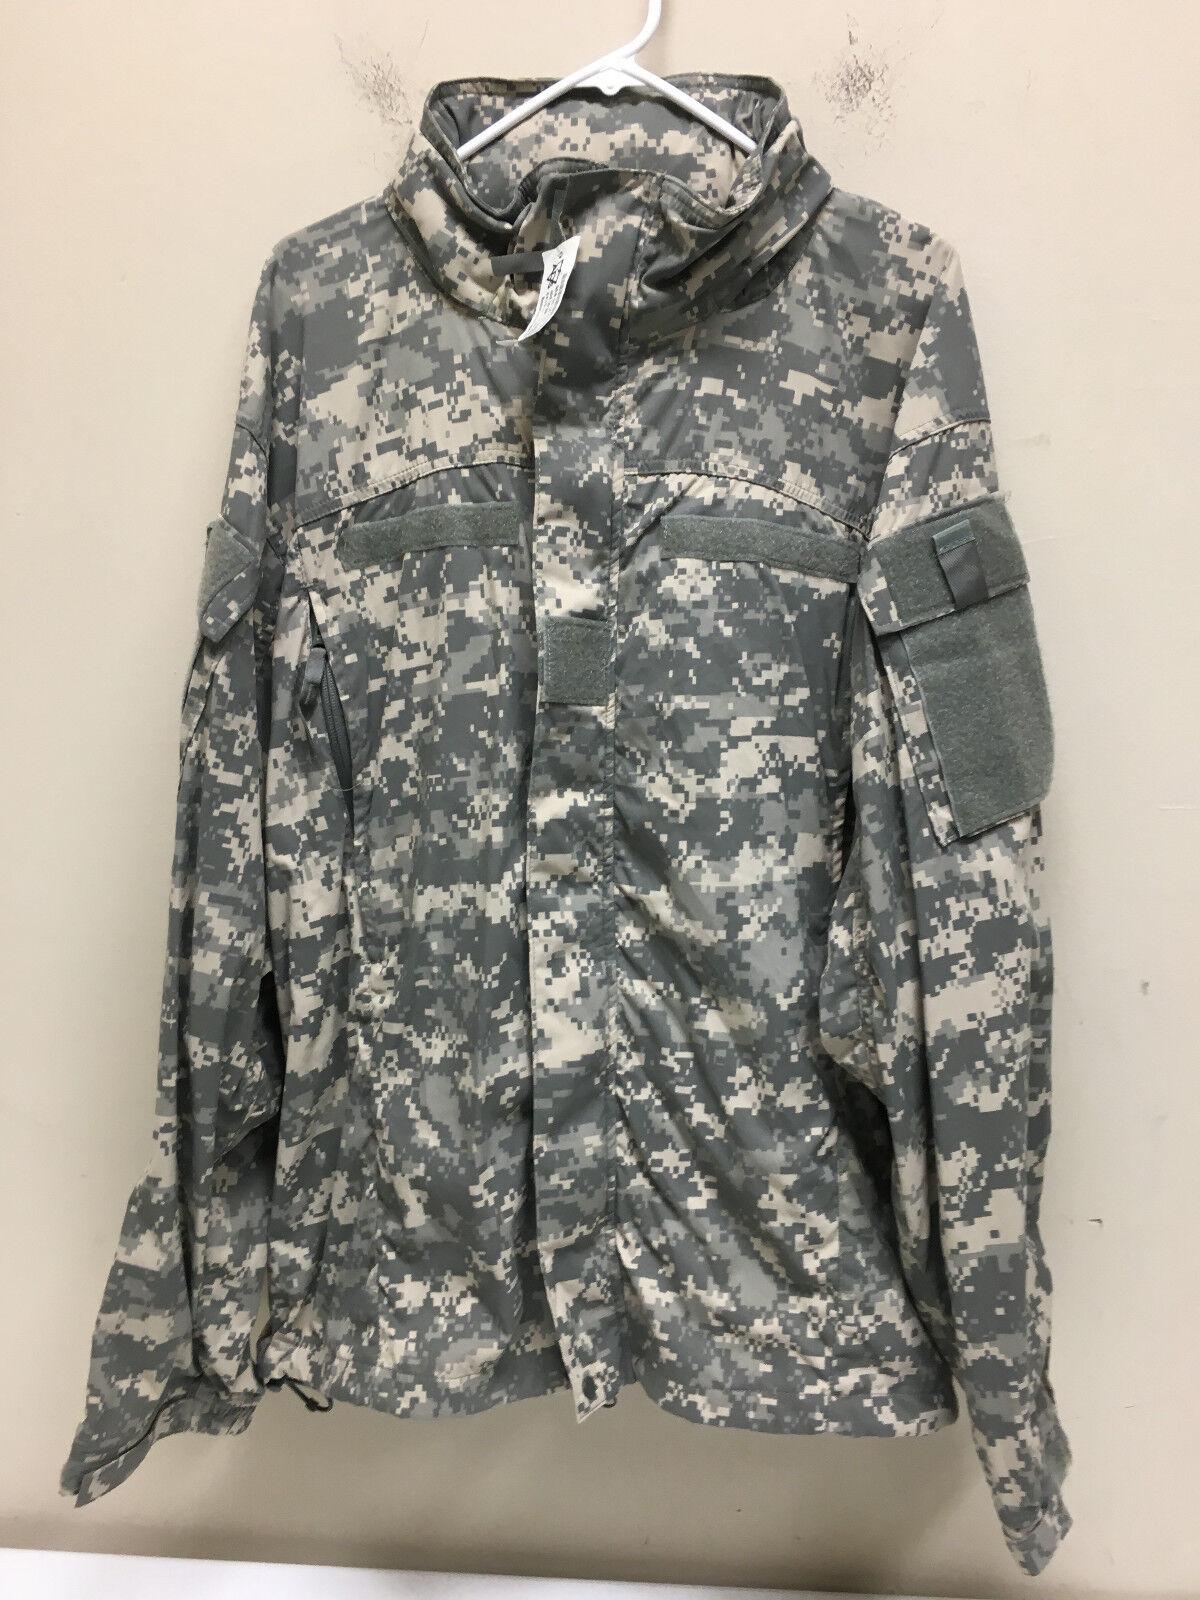 Ejército L5 emitido por nivel 5 Gen III Soft Shell Chaqueta de clima frío LR Nuevo con etiquetas